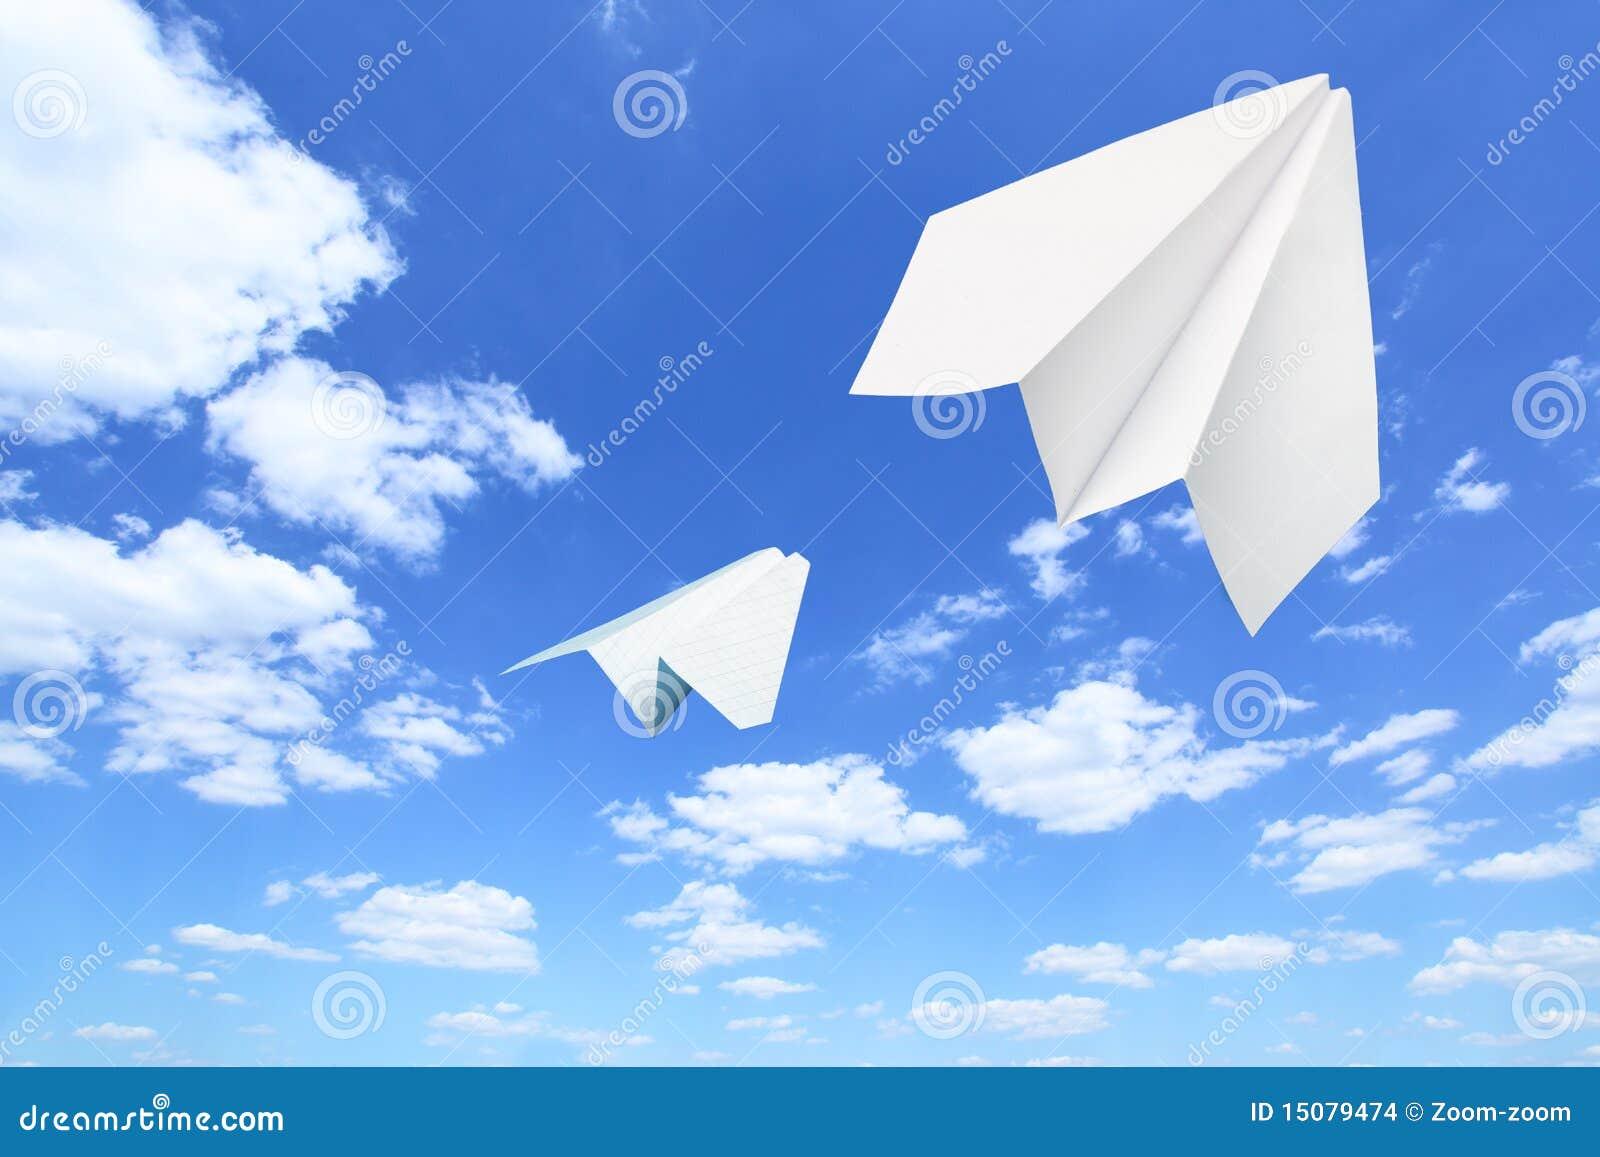 纸飞机 库存图片 - 图片